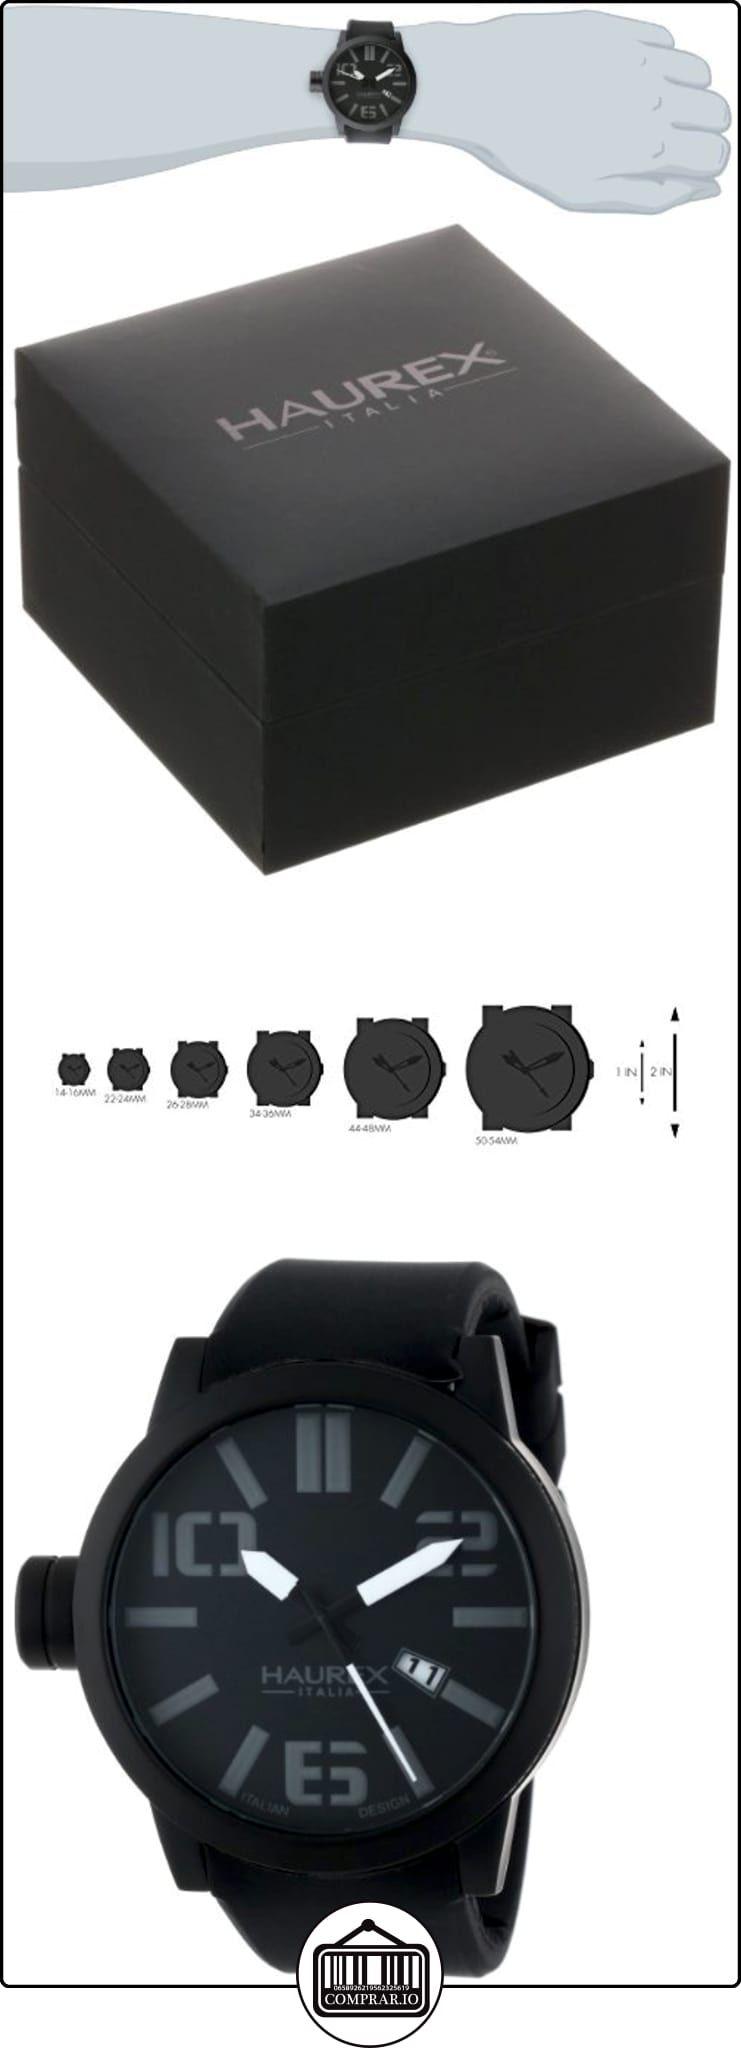 89e5b2e5503a Haurex Italy Caballero 1N377UNN Turbina Black IP Case Black Dial Silicone  Date Reloj ✿ Relojes para hombre - (Lujo) ✿